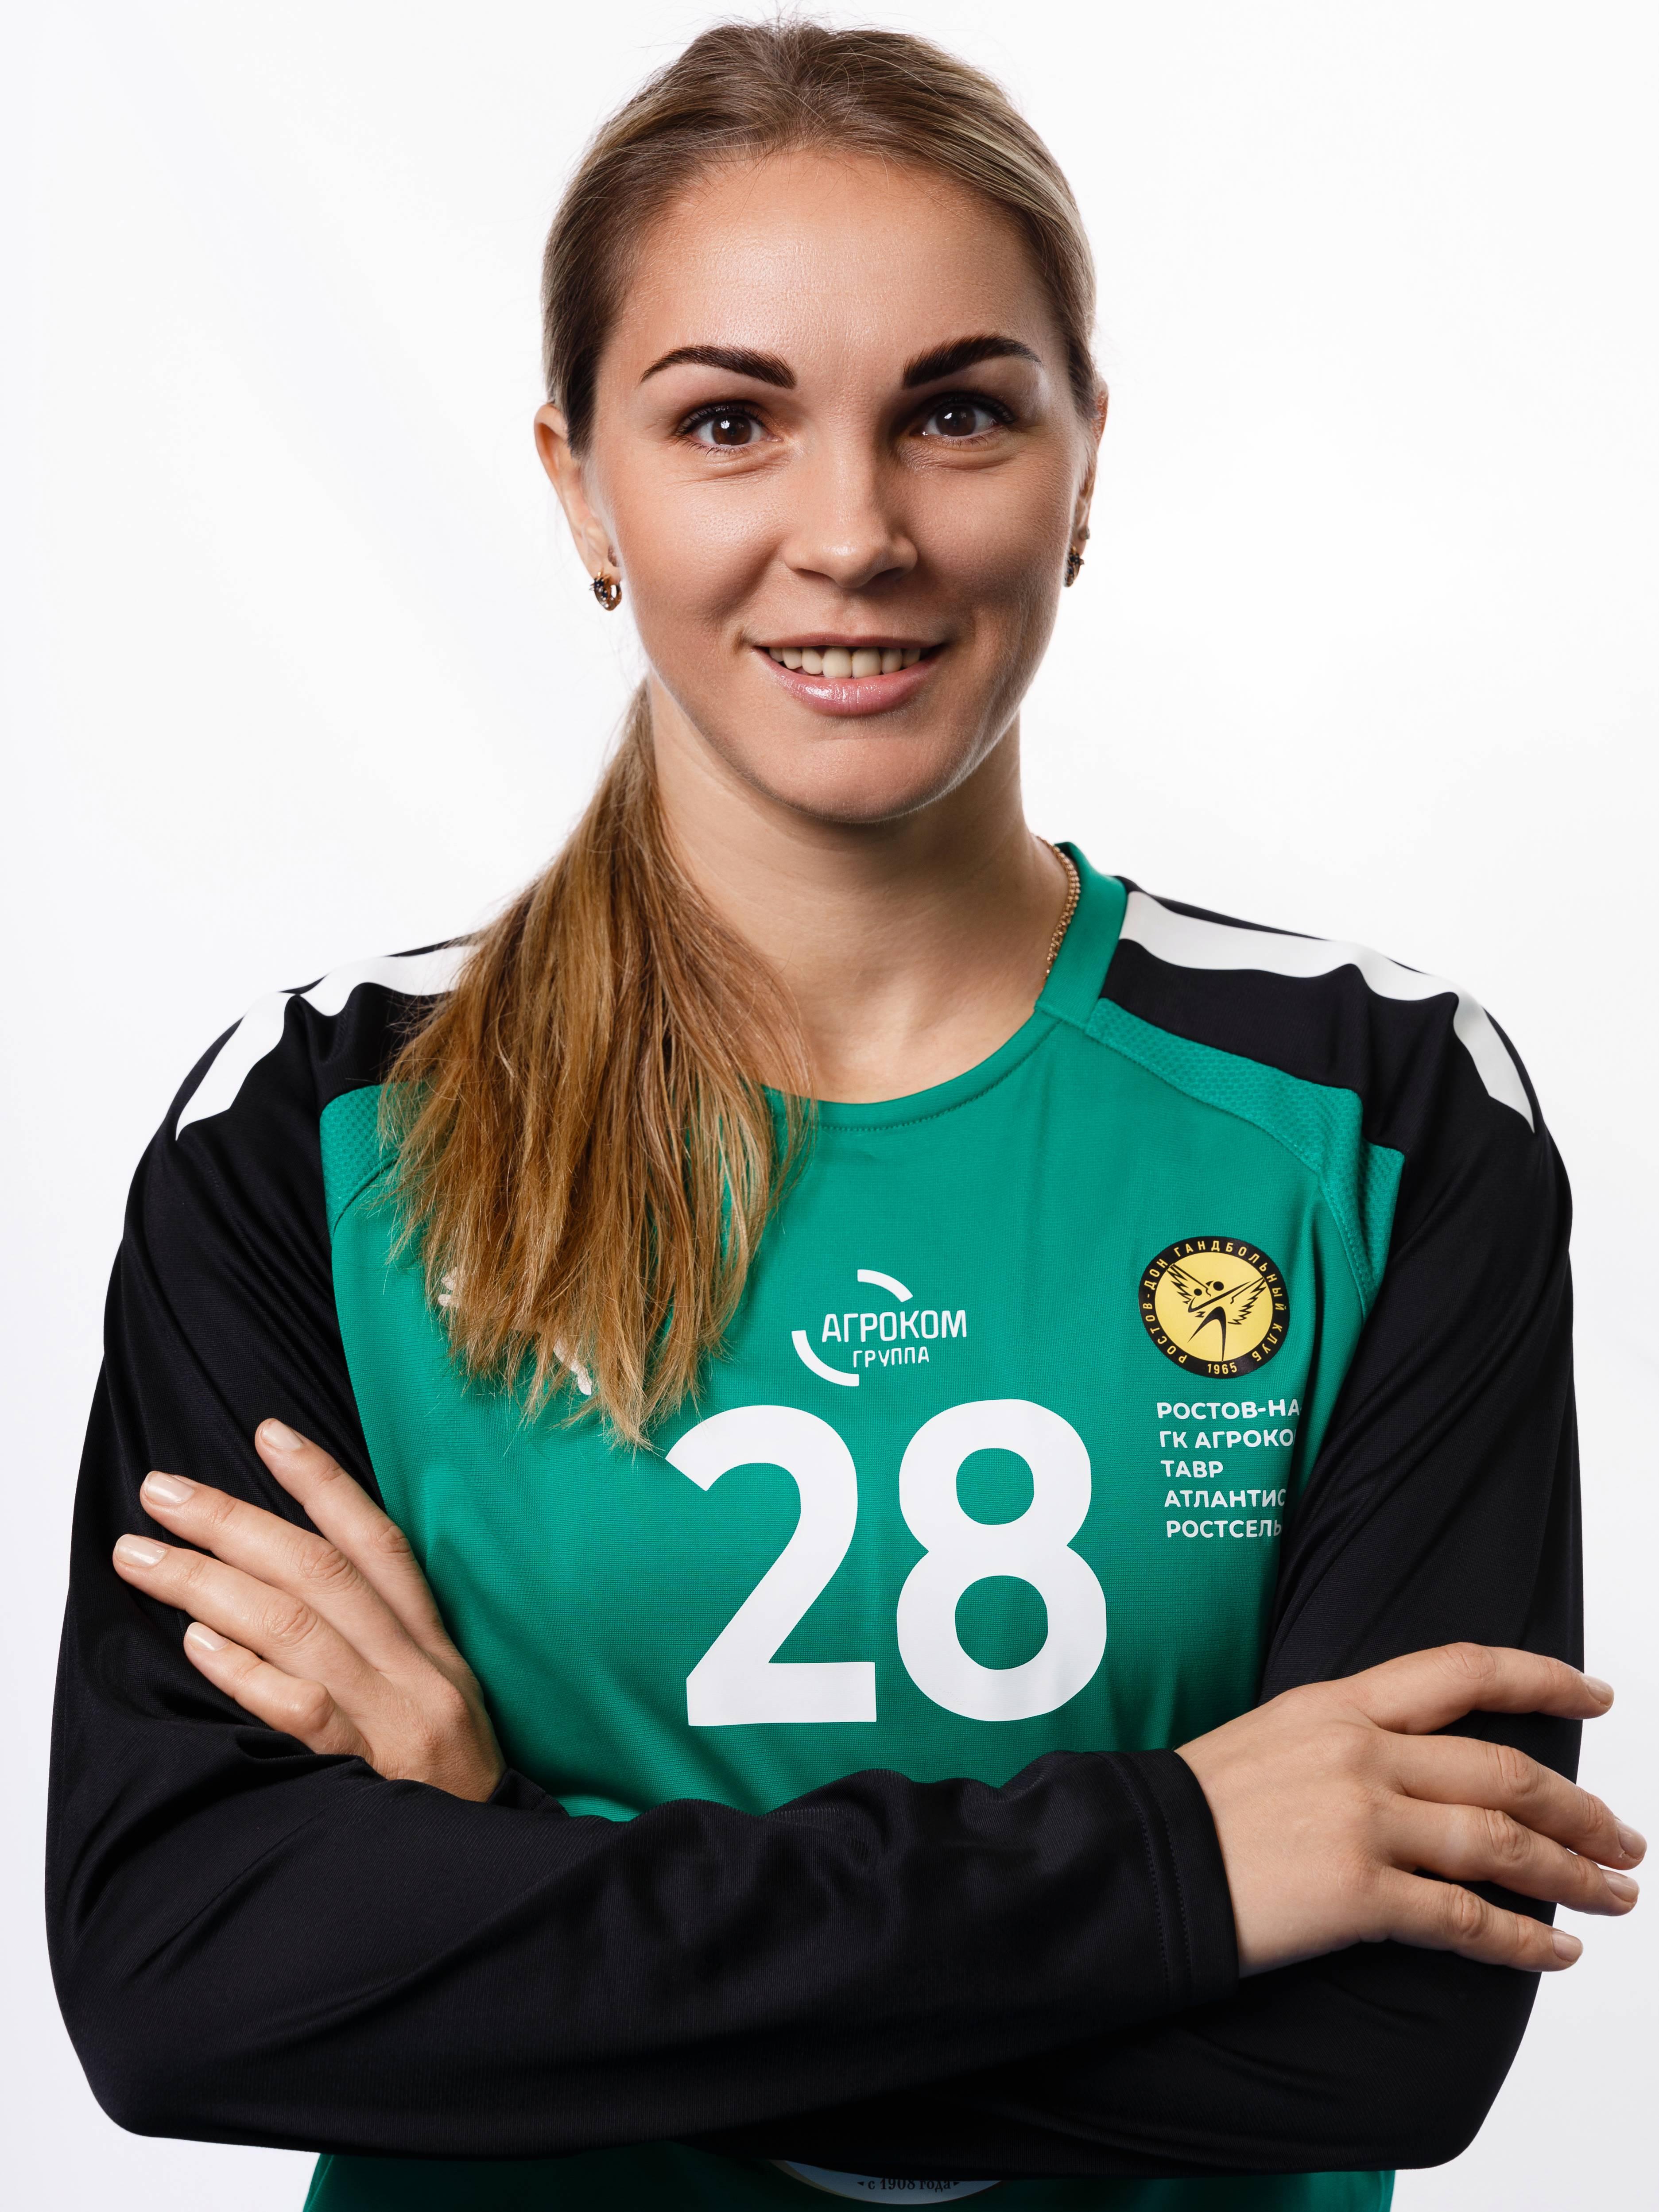 Калинина Виктория Викторовна